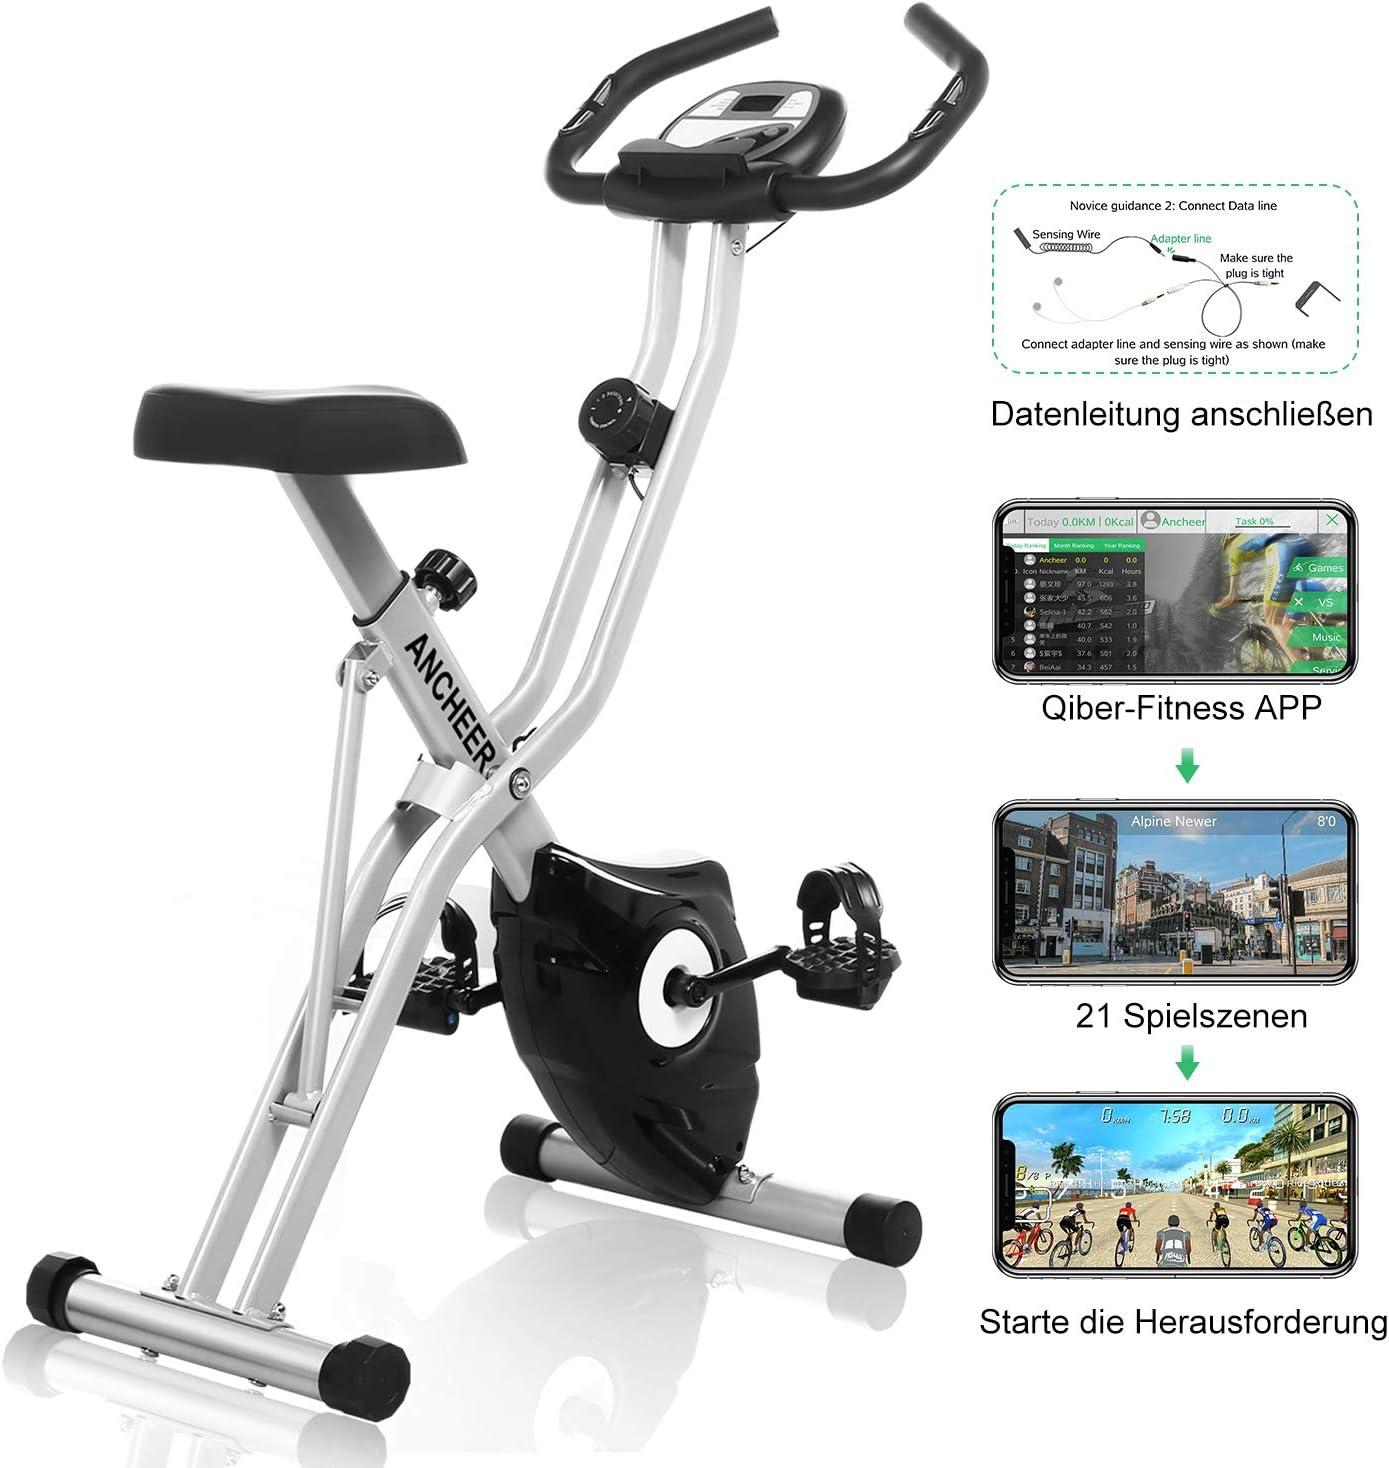 Profun Bicicleta Estática Plegable Xbike de Fitness con Monitor/Sillín Cómodo/Soporte para Tableta/App 10 Niveles Resistencia Magnética Ajustable para Ejercicio Entrenamiento en Casa, Gris: Amazon.es: Deportes y aire libre